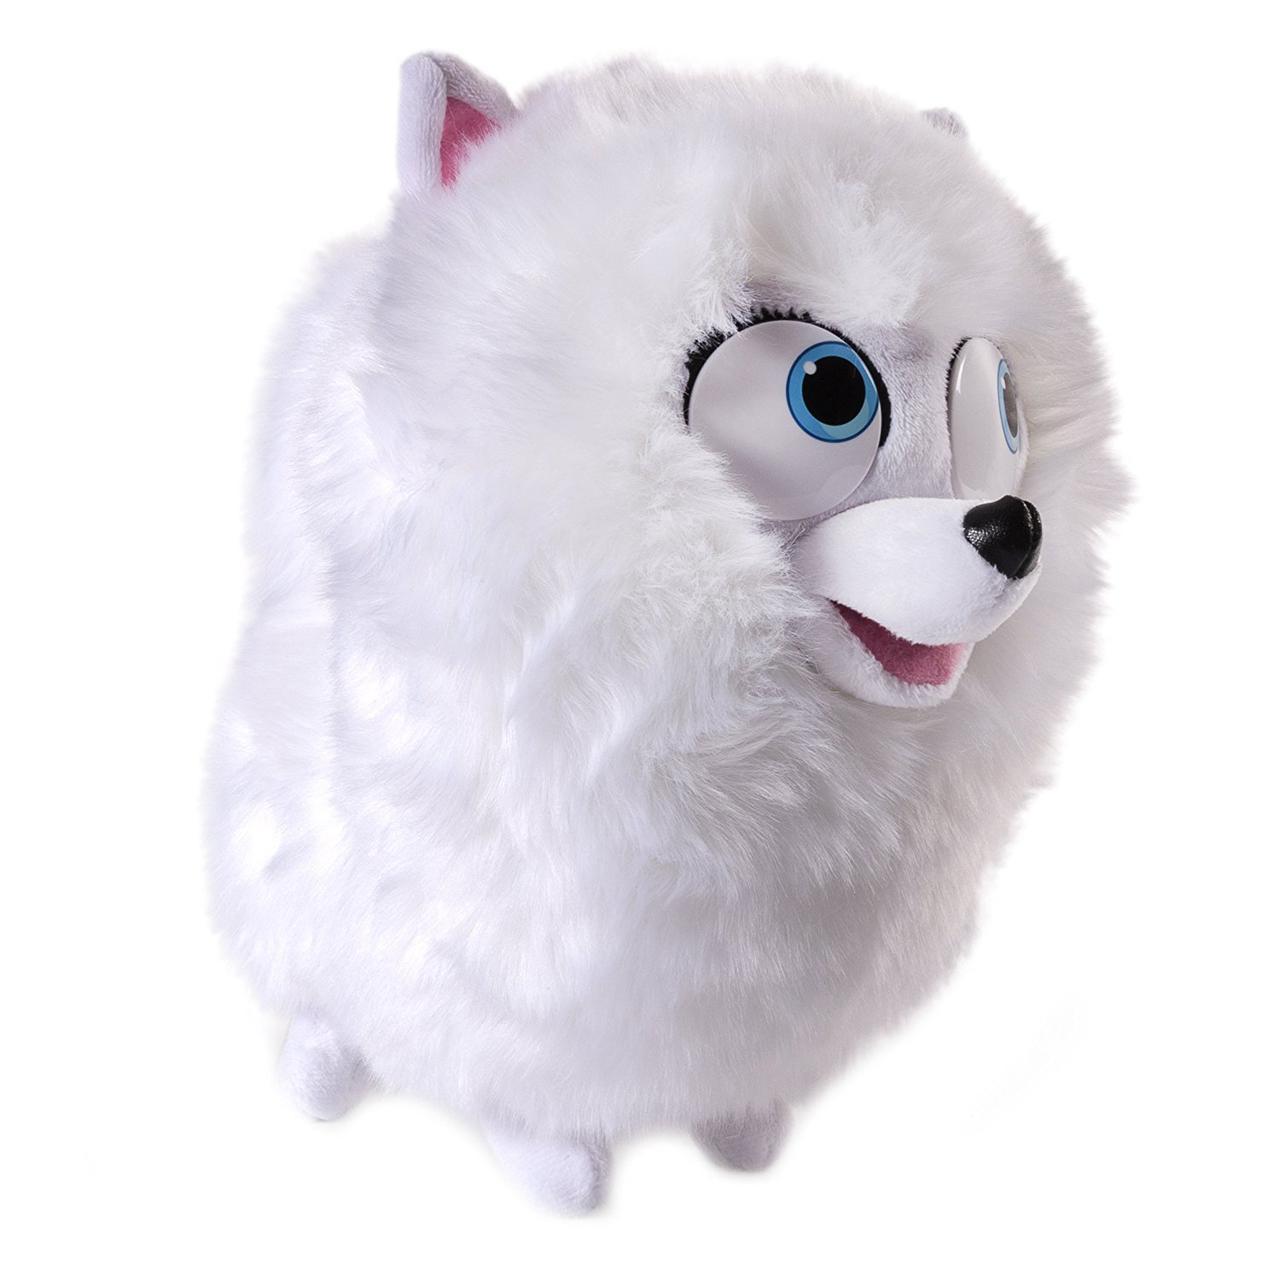 ШПИЦ ГИДЖЕТ собачка говорящая мягкая игрушка 25 см Тайная жизнь домашних животных / The Secret Life of Pets